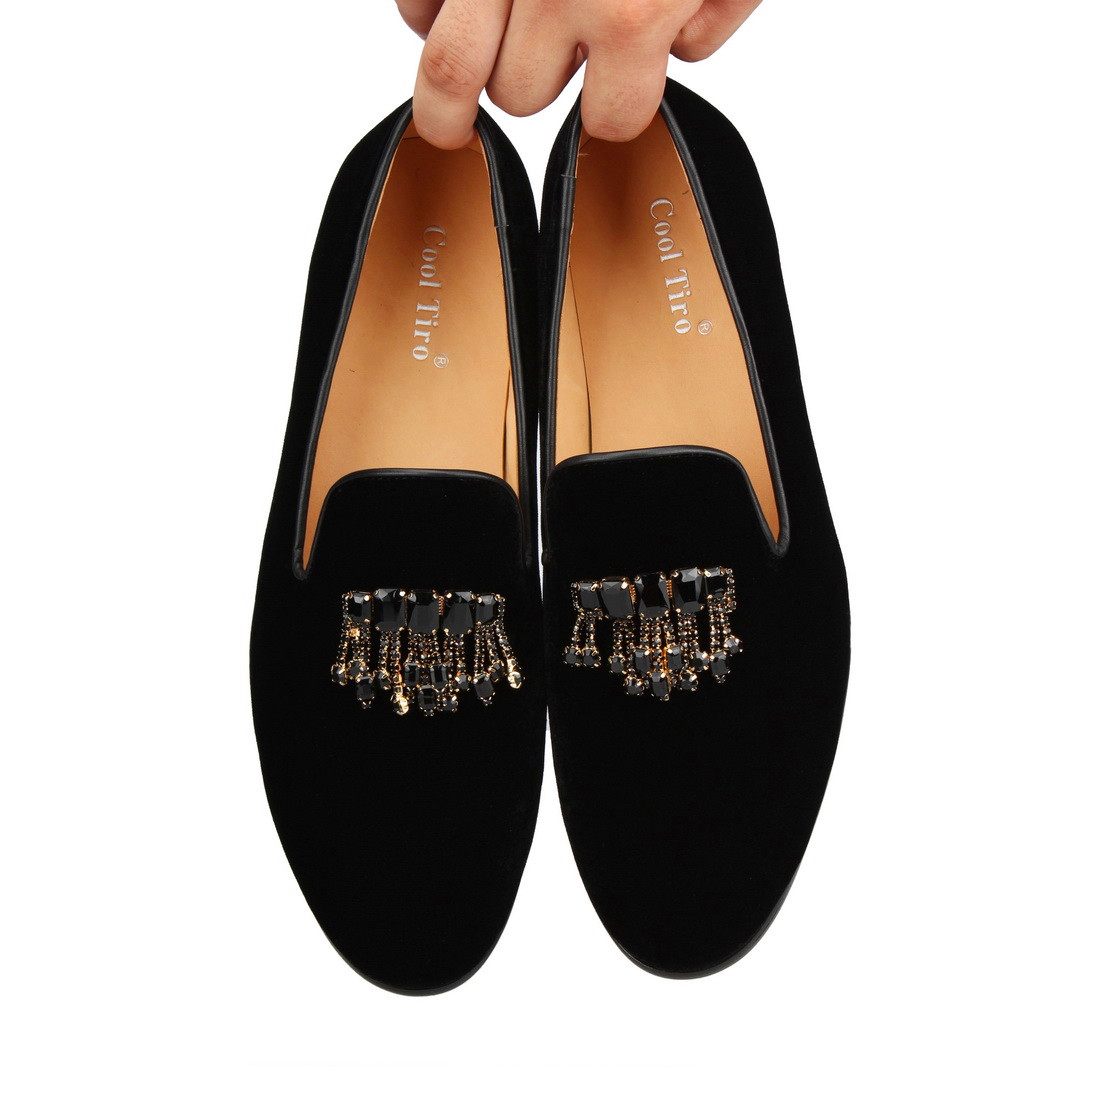 Стильные черные бархатные Лоферы TIRO с драгоценными камнями; Мужские модельные туфли; Роскошные лоферы с кристаллами; деловая мужская обувь - 6